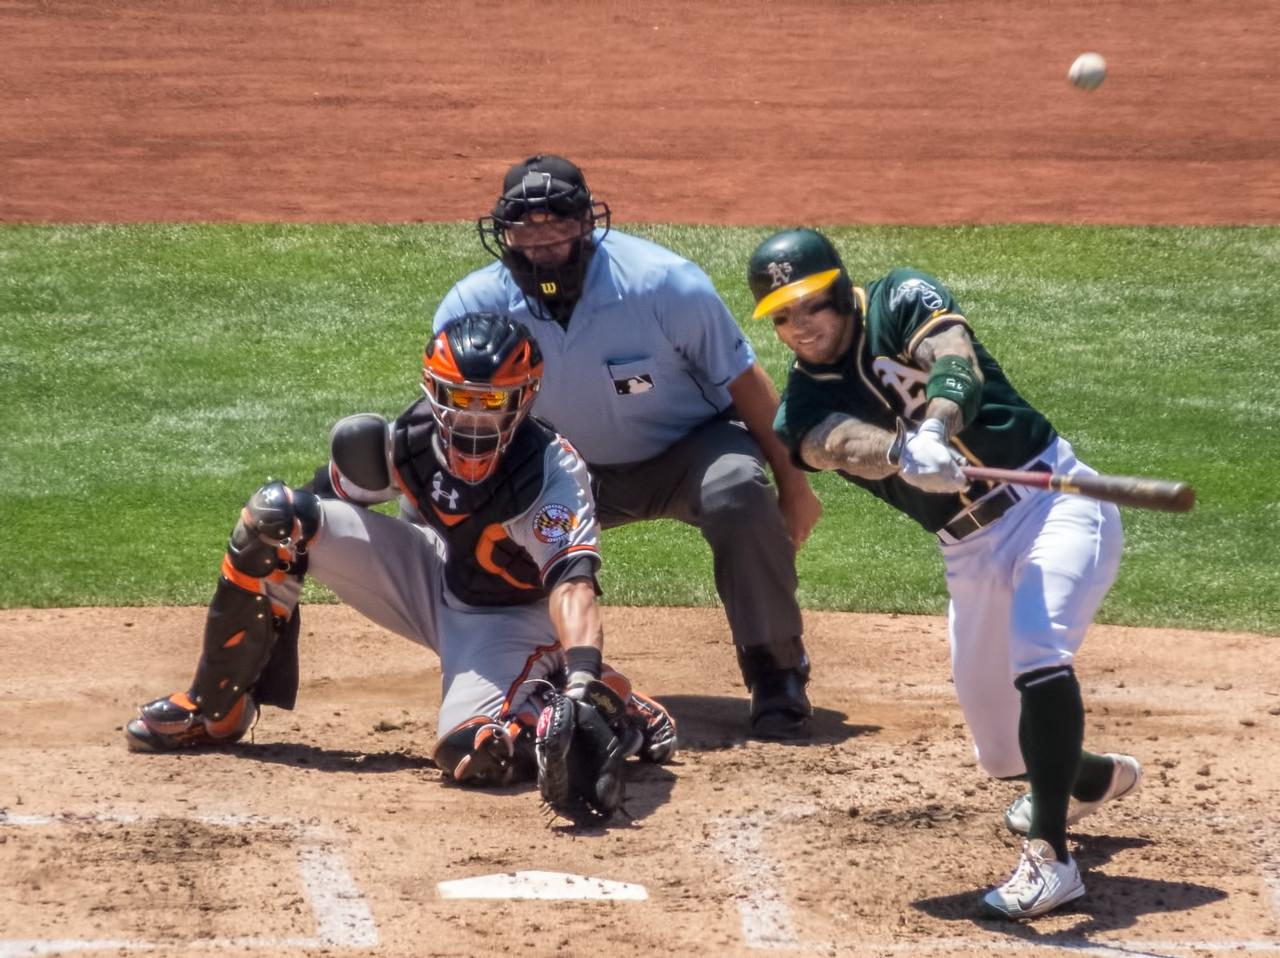 Base hit for Brett Lawrie